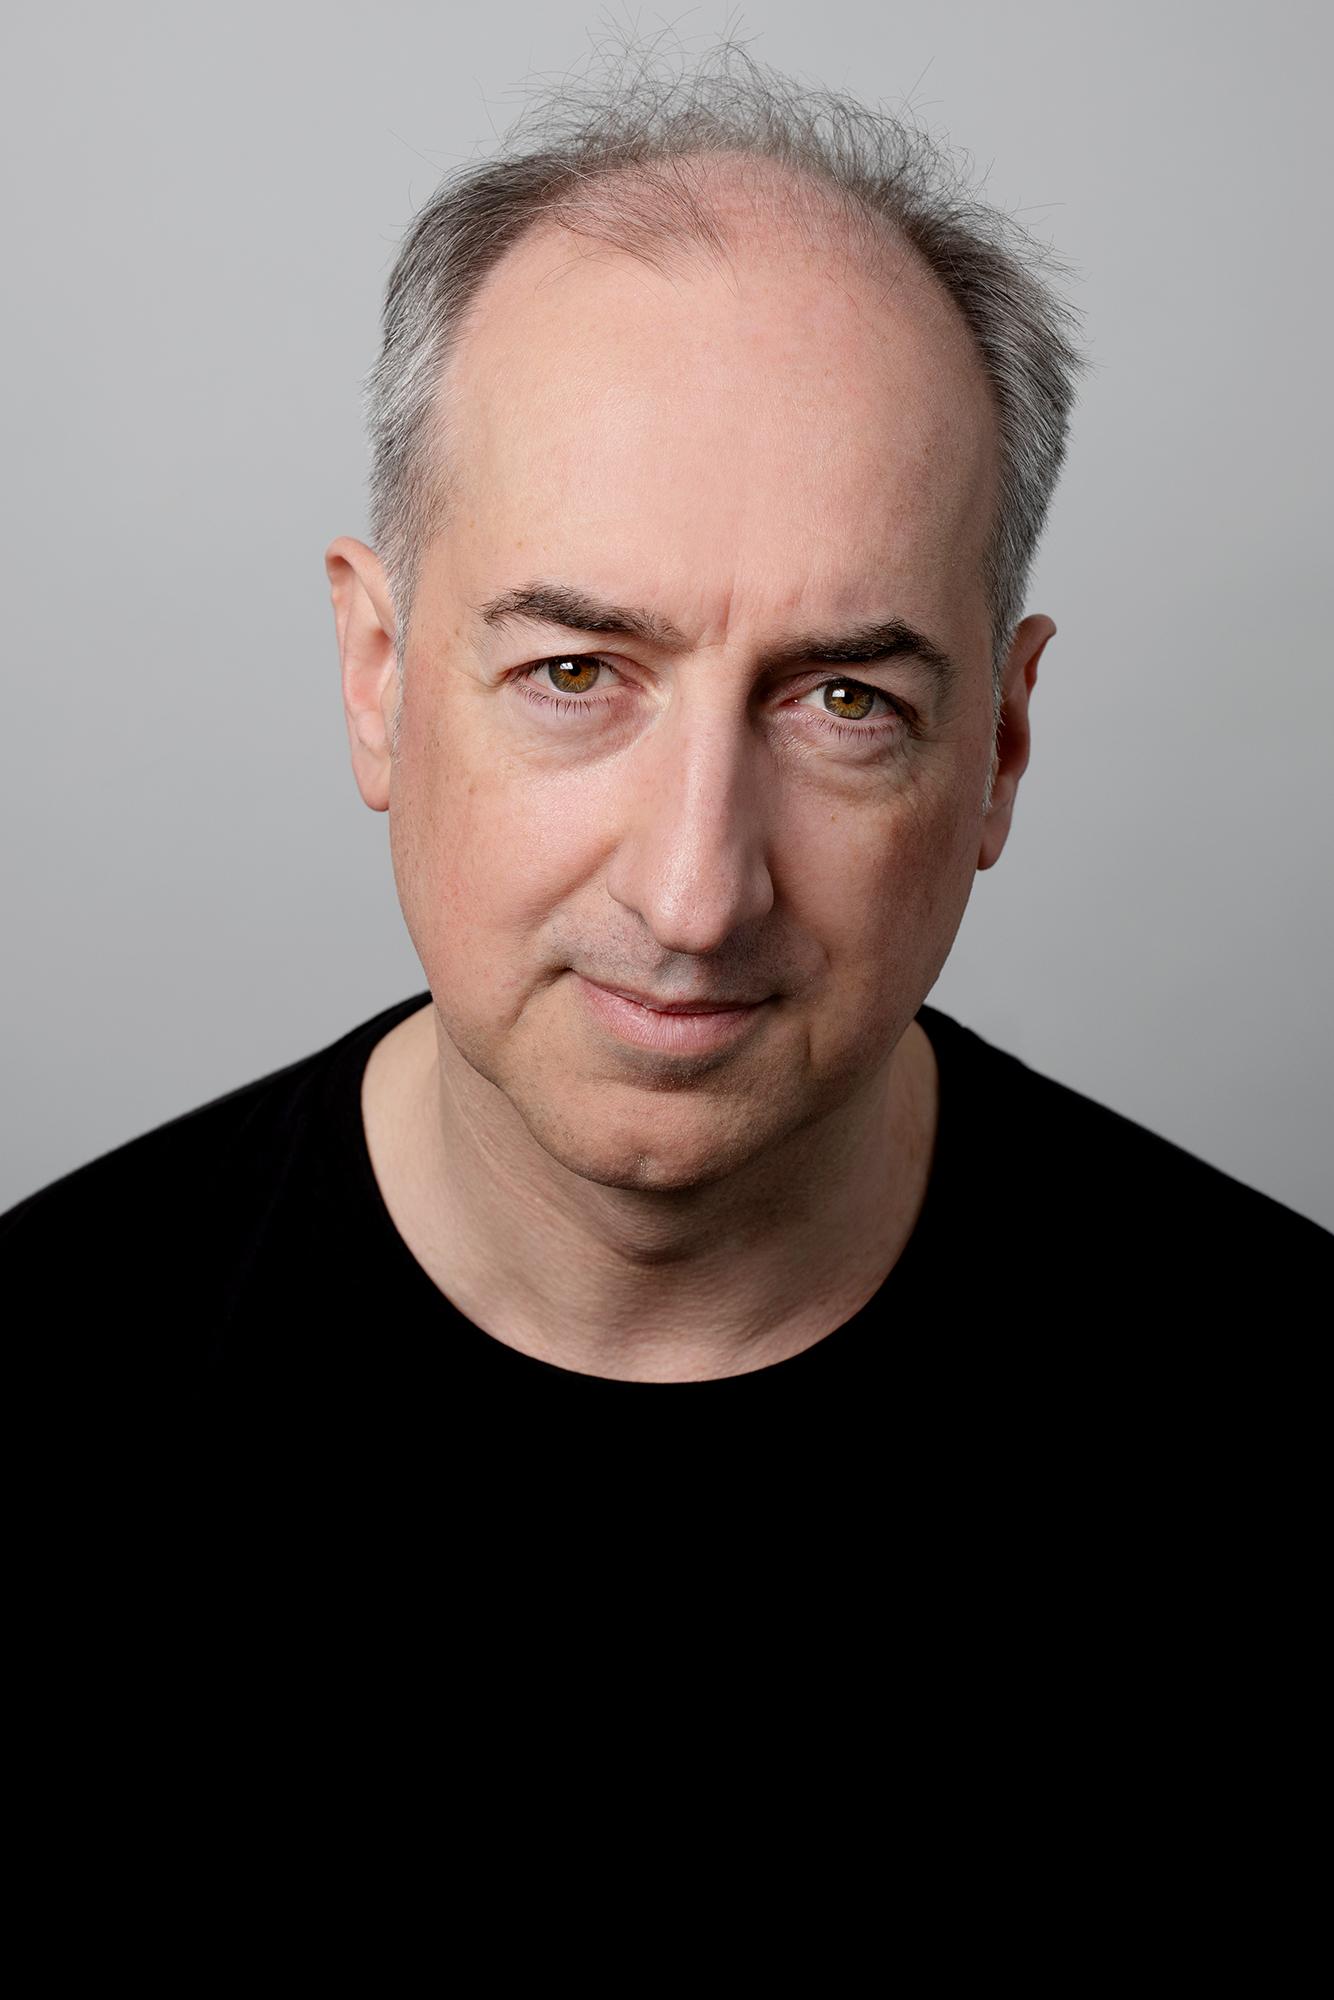 Guy Slocombe